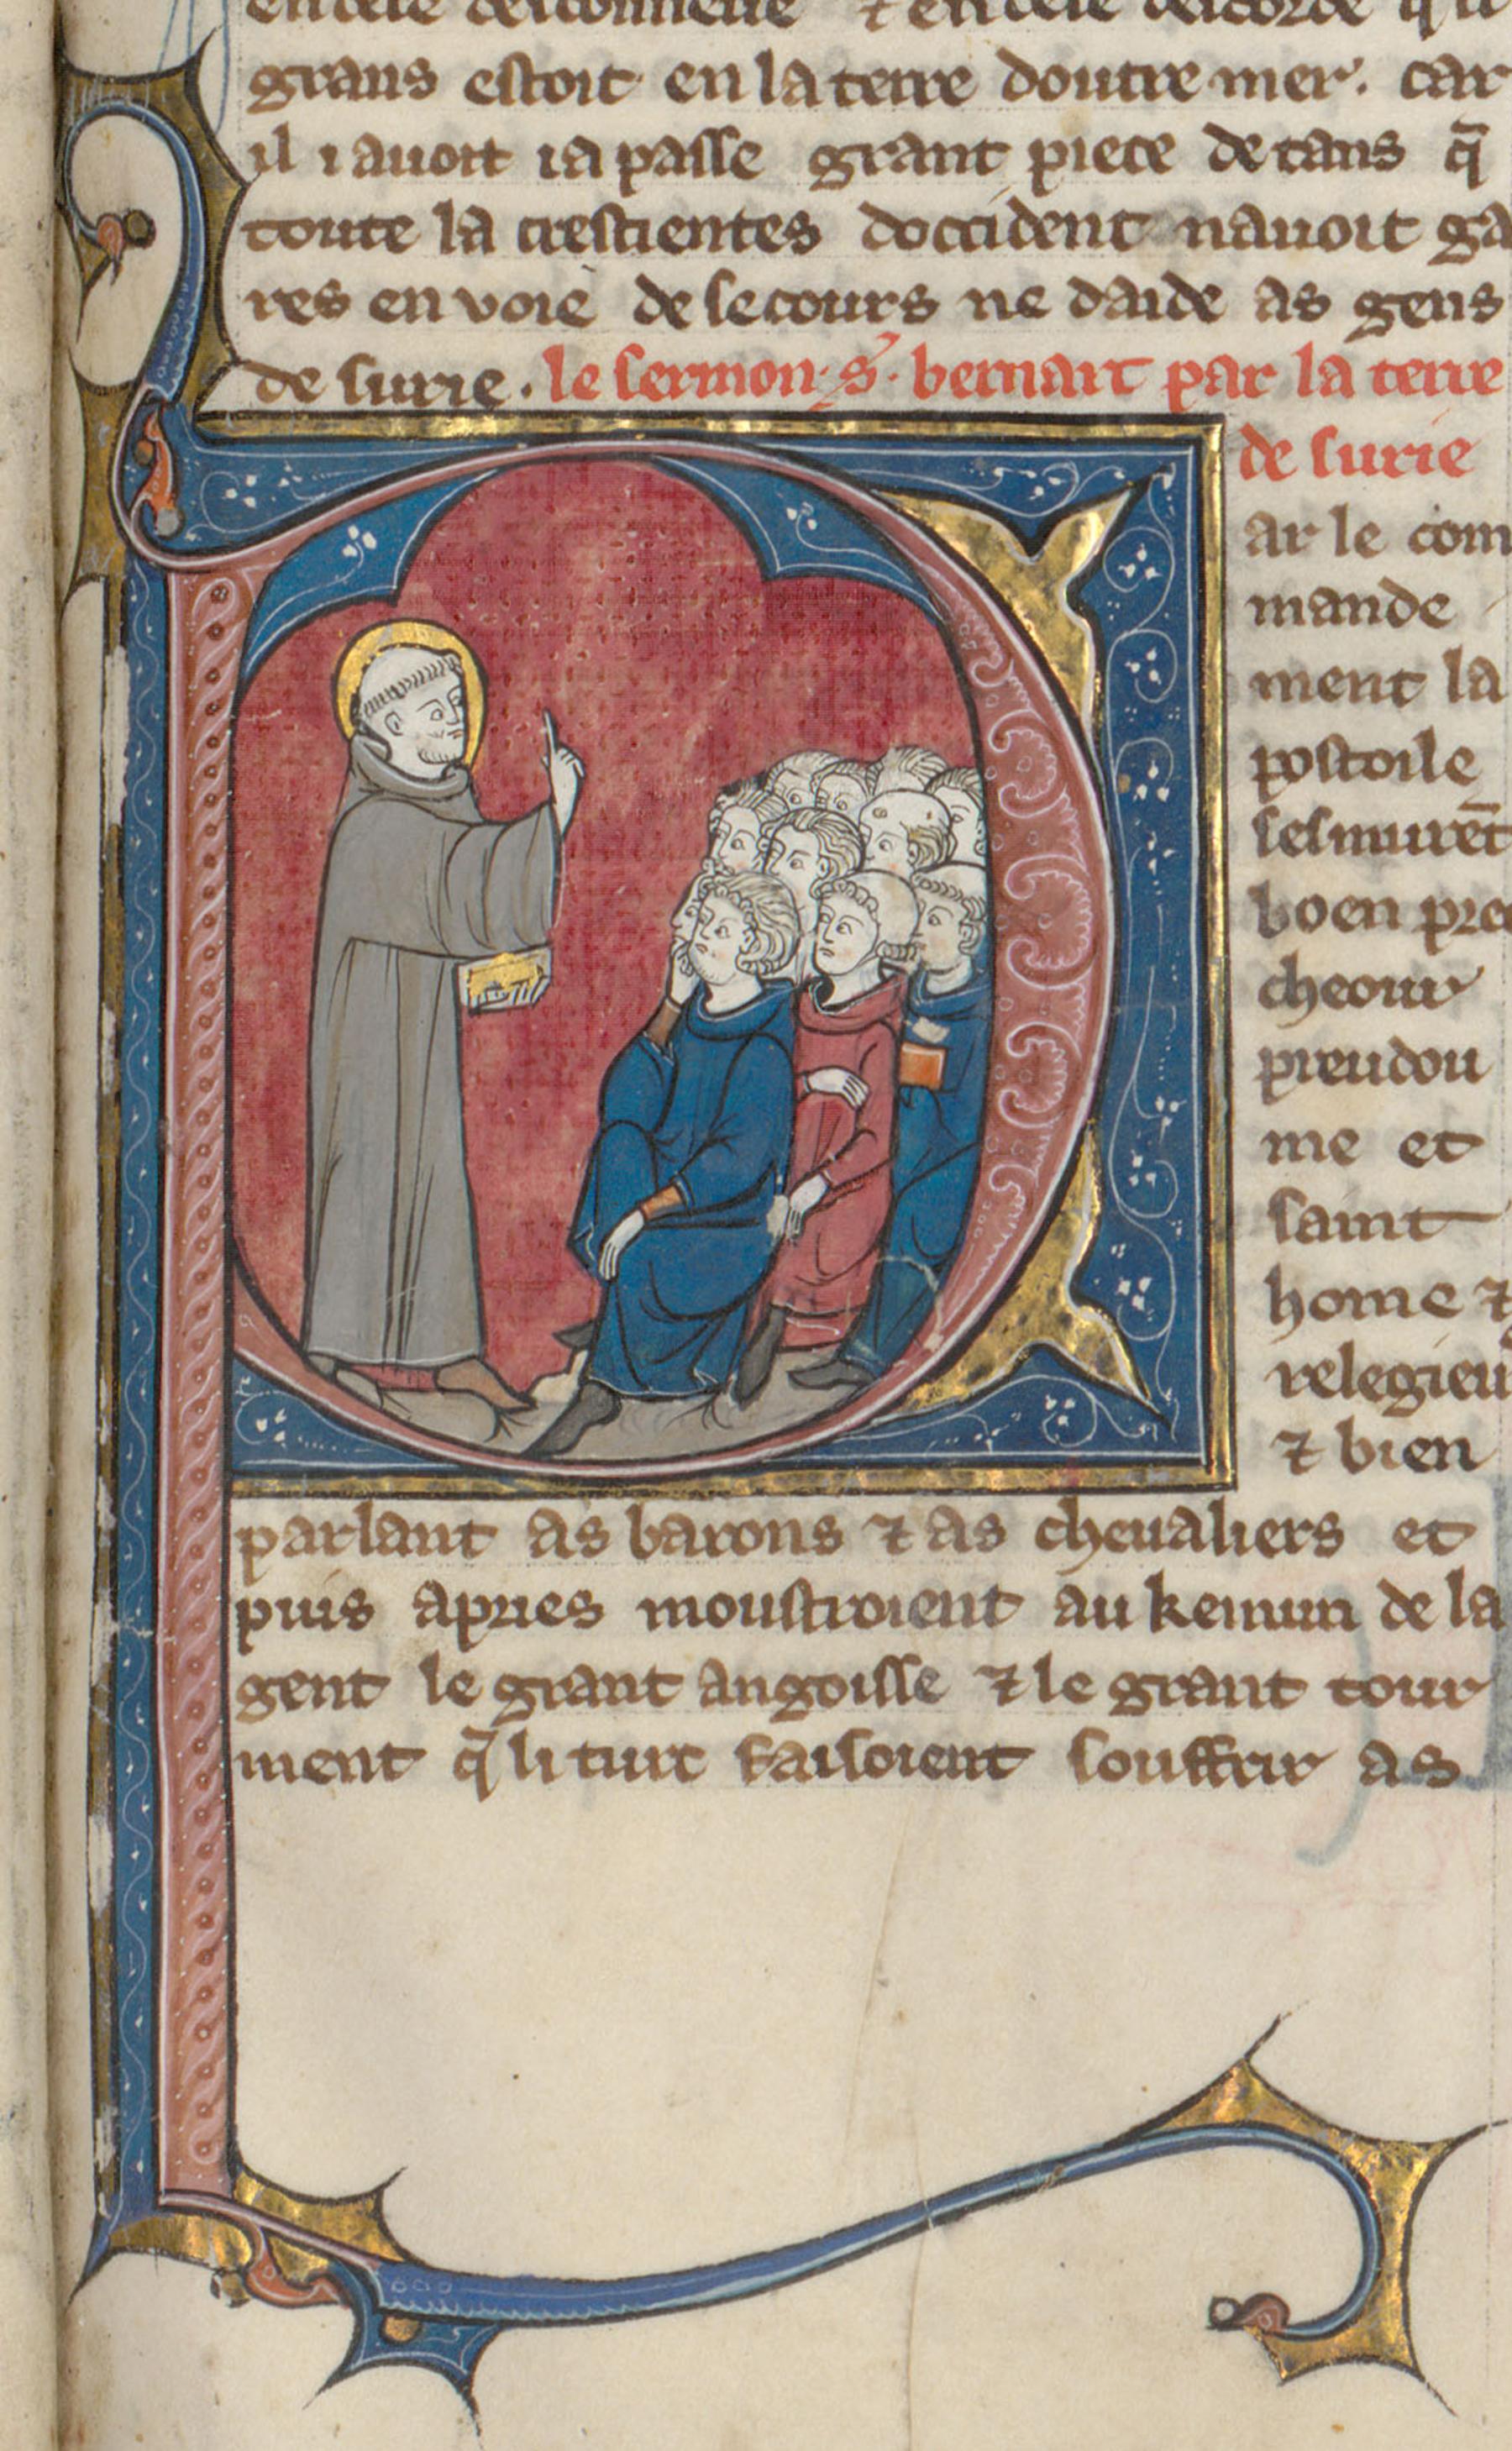 Contenu du Saint Bernard prêchant la deuxième croisade